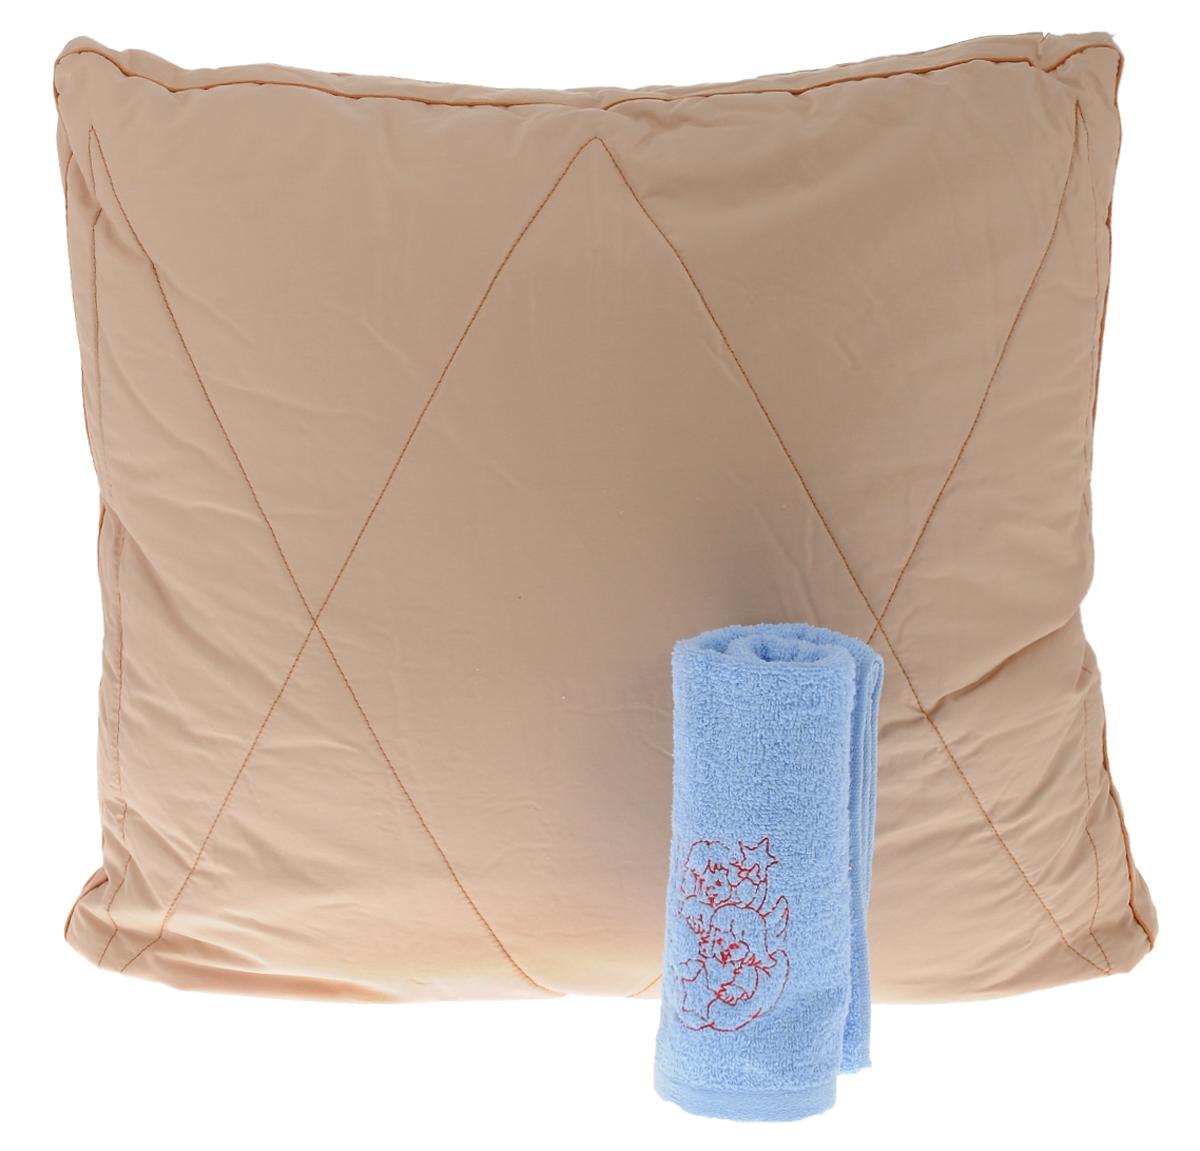 Подушка Primavelle Nadia, 68 х 68 см + полотенце махровое, 34 х 70 см17102024Подушка Primavelle Nadia подарит вам необычайную мягкость и комфорт во время сна. Чехол выполнен из однотонного сатина (100% хлопок) с тиснением. Внешнее наполнение подушки верблюжья шерсть 95%, вискоза 5%, внутреннее наполнение лебяжий пух (100% полиэстер). Лебяжий пух, является аналогом натурального пуха и представляет собой сверхтонкое волокно нового поколения. Благодаря этому подушка очень мягкая и воздушная, не накапливает пыль и запахи. Важным преимуществом является гипоаллергенность наполнителя, поэтому подушка отлично подходит как взрослым, так и детям.Верблюжья шерсть - подшерсток верблюжат в возрасте до одного года, который вычесывается вручную. Верблюжья шерсть при этом лучше удерживает тепло и обеспечивает идеальную терморегуляцию во время сна.Изделие декорировано атласным кантом.Мягкая и комфортная подушка Primavelle Nadia не оставит равнодушными тех, кто ценит красоту и комфорт. Подушка упакована в пластиковую сумку-чехол, закрывающуюся на застежку-молнию.Размер подушки: 68 х 68 см. Материал чехла: Сатин (100% хлопок). Материал наполнителя: лебяжий пух (100% полиэстер), верблюжья шерсть 95%, вискоза 5%. В комплект также входит махровое полотенце, выполненное из 100% натурального хлопка. Размер полотенца: 34 х 70 см.